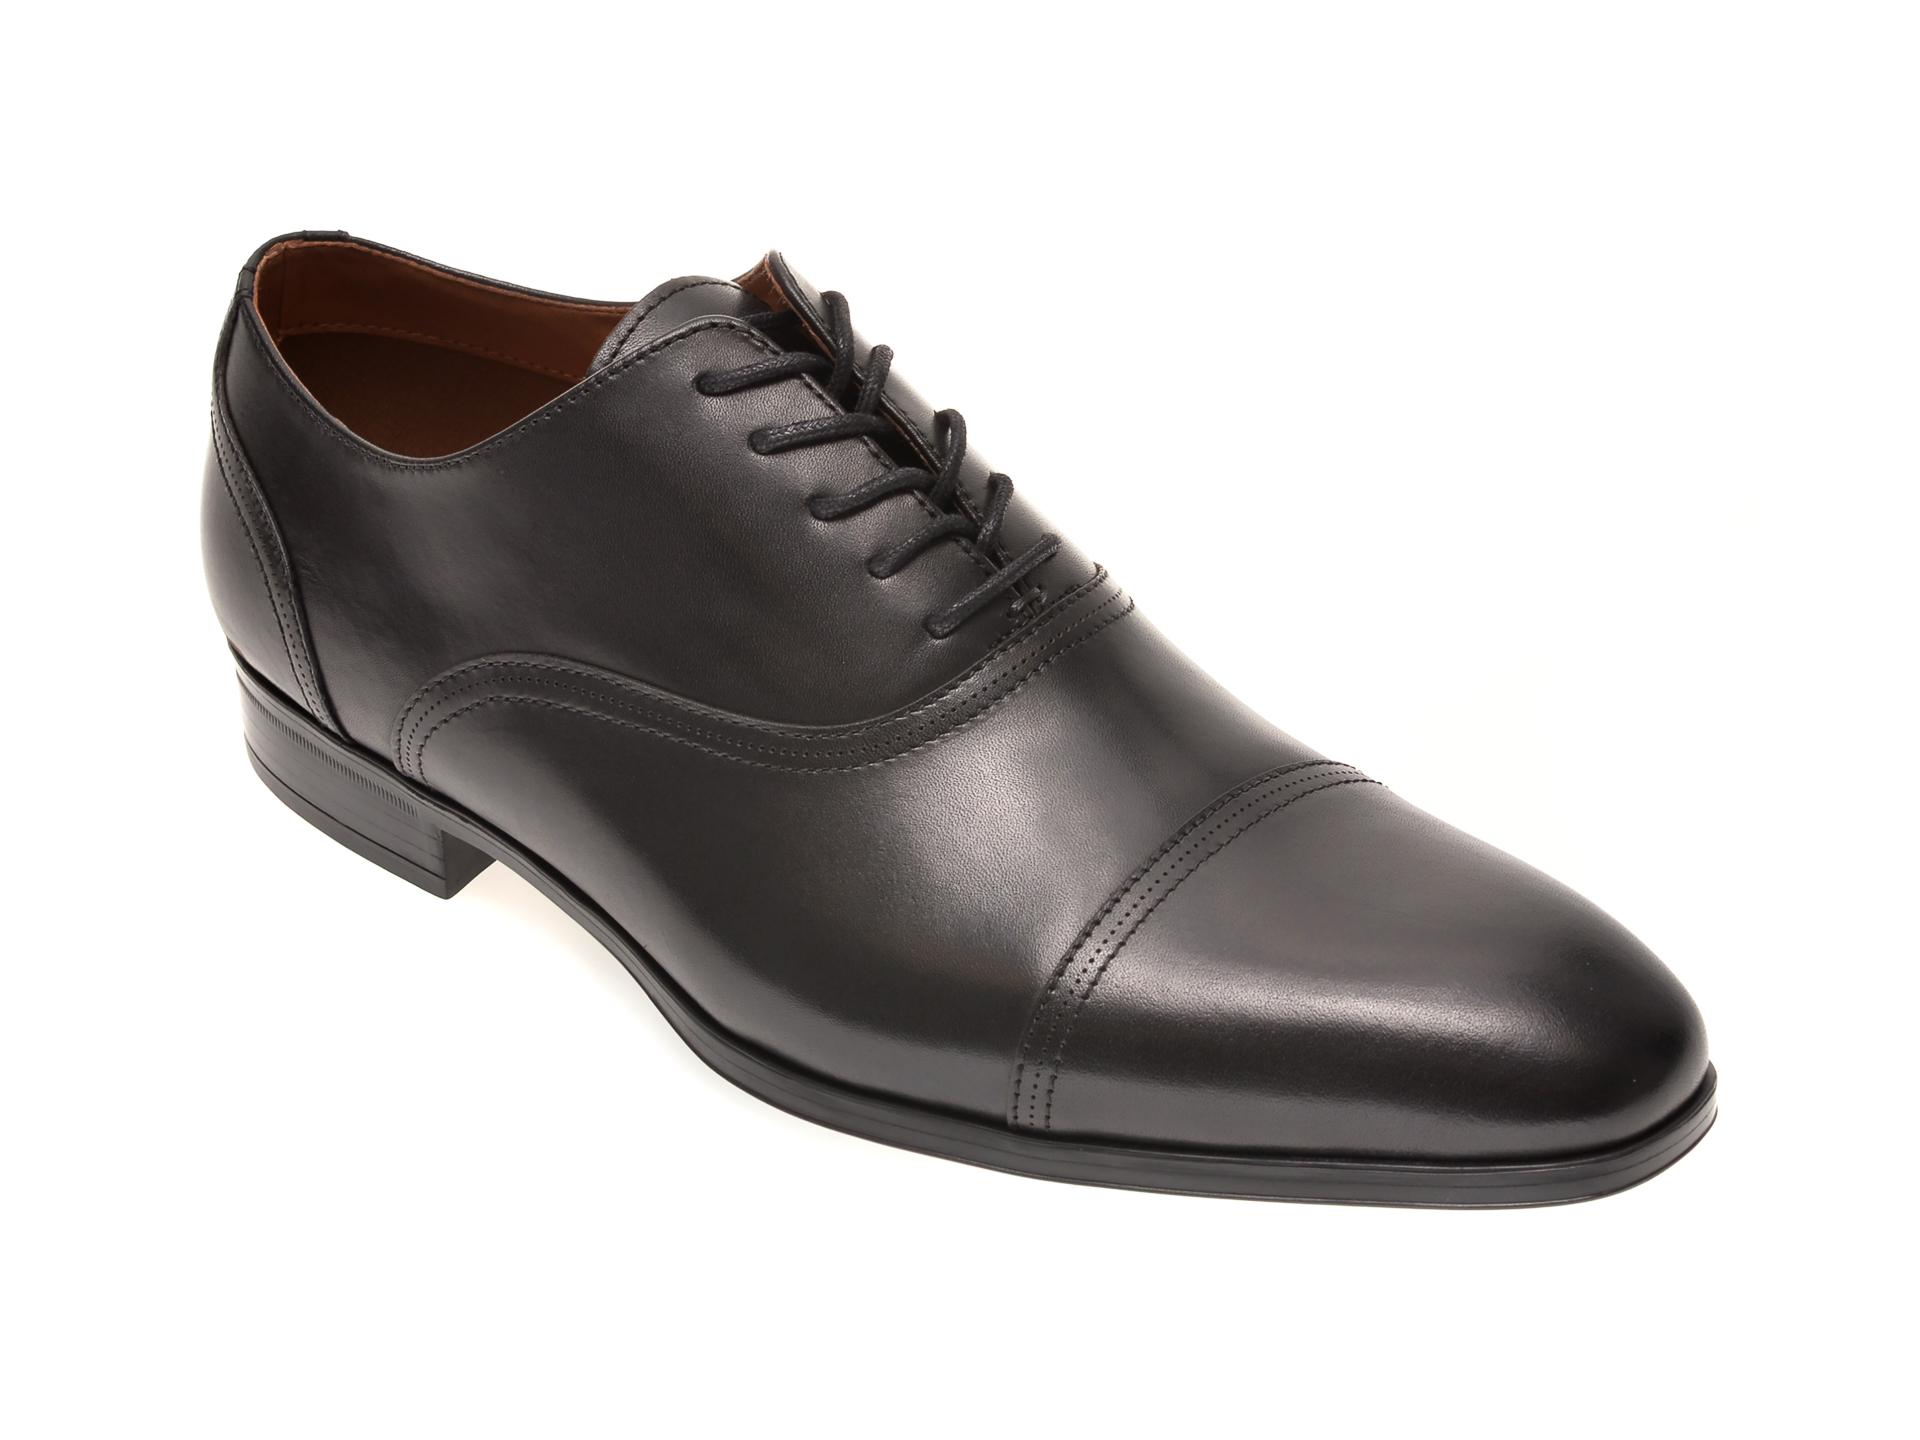 Pantofi ALDO negri, Bongerd001, din piele naturala imagine